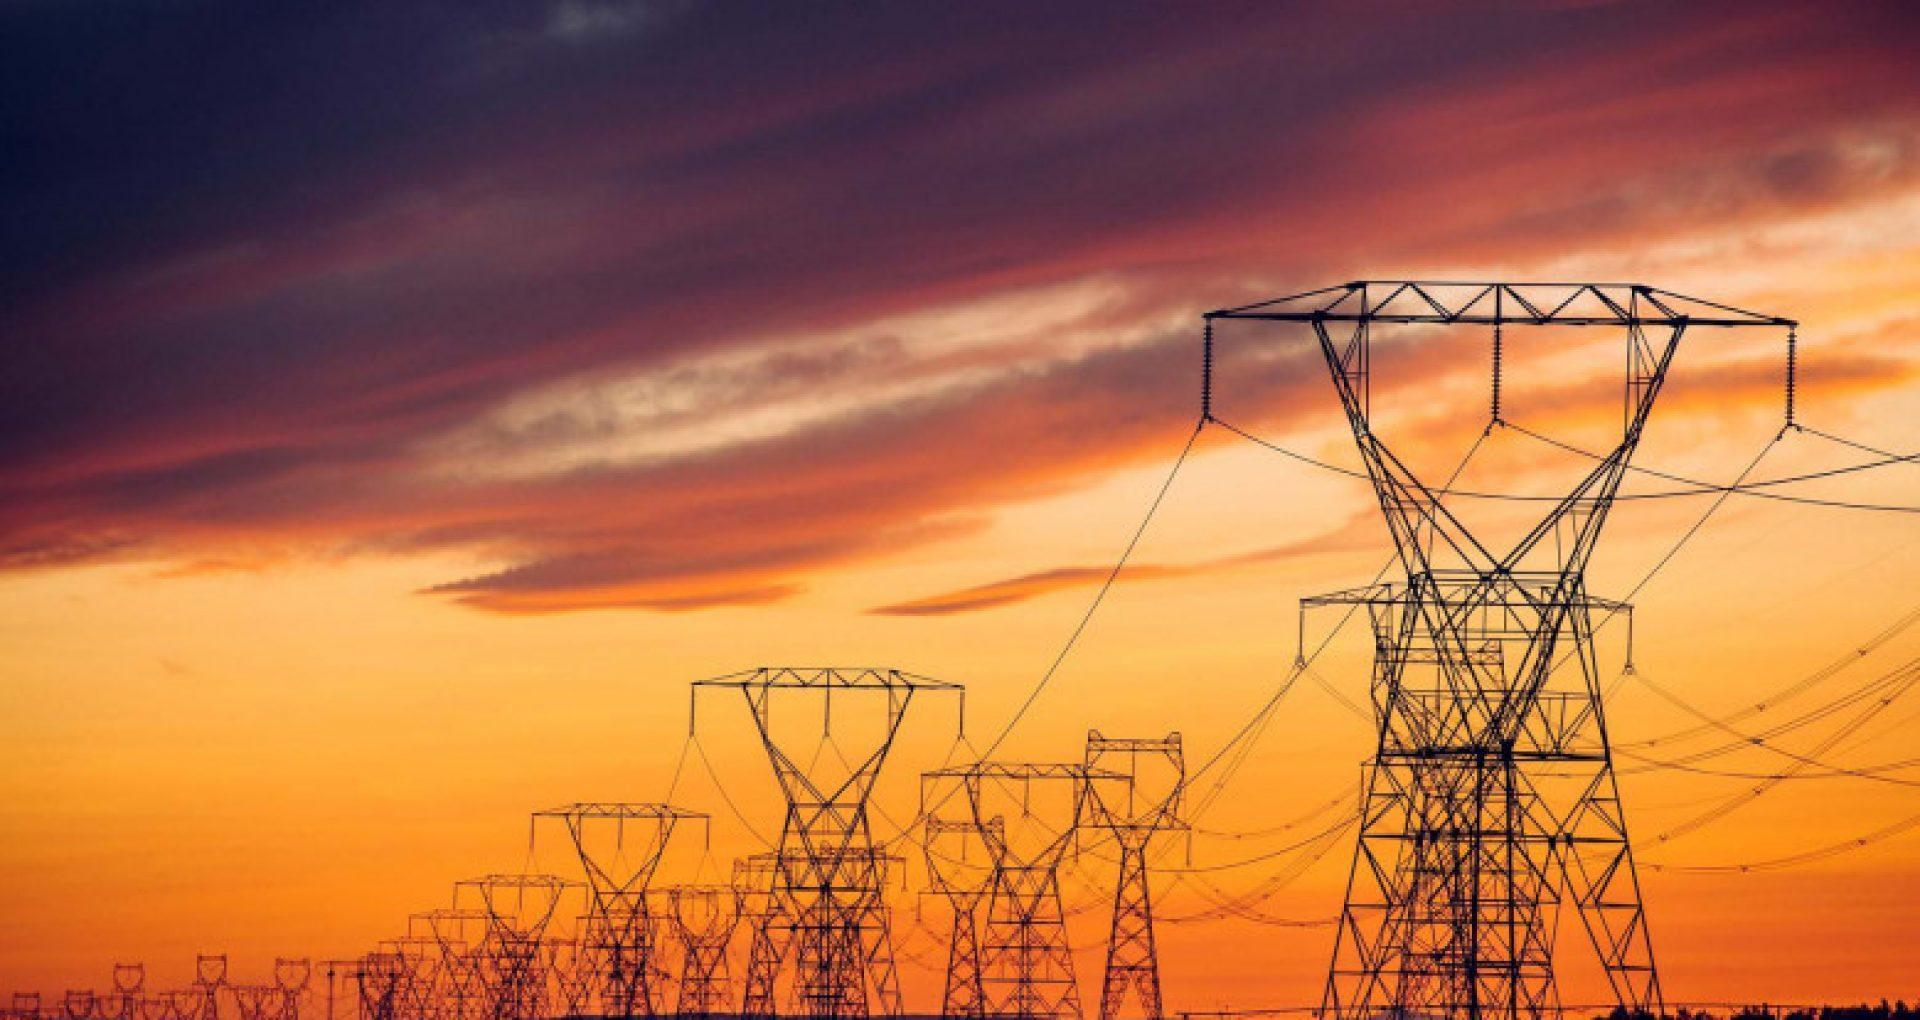 România a importat marţi peste 2 100 de MW de electricitate. Preţul pe bursă a ajuns la un nou record istoric